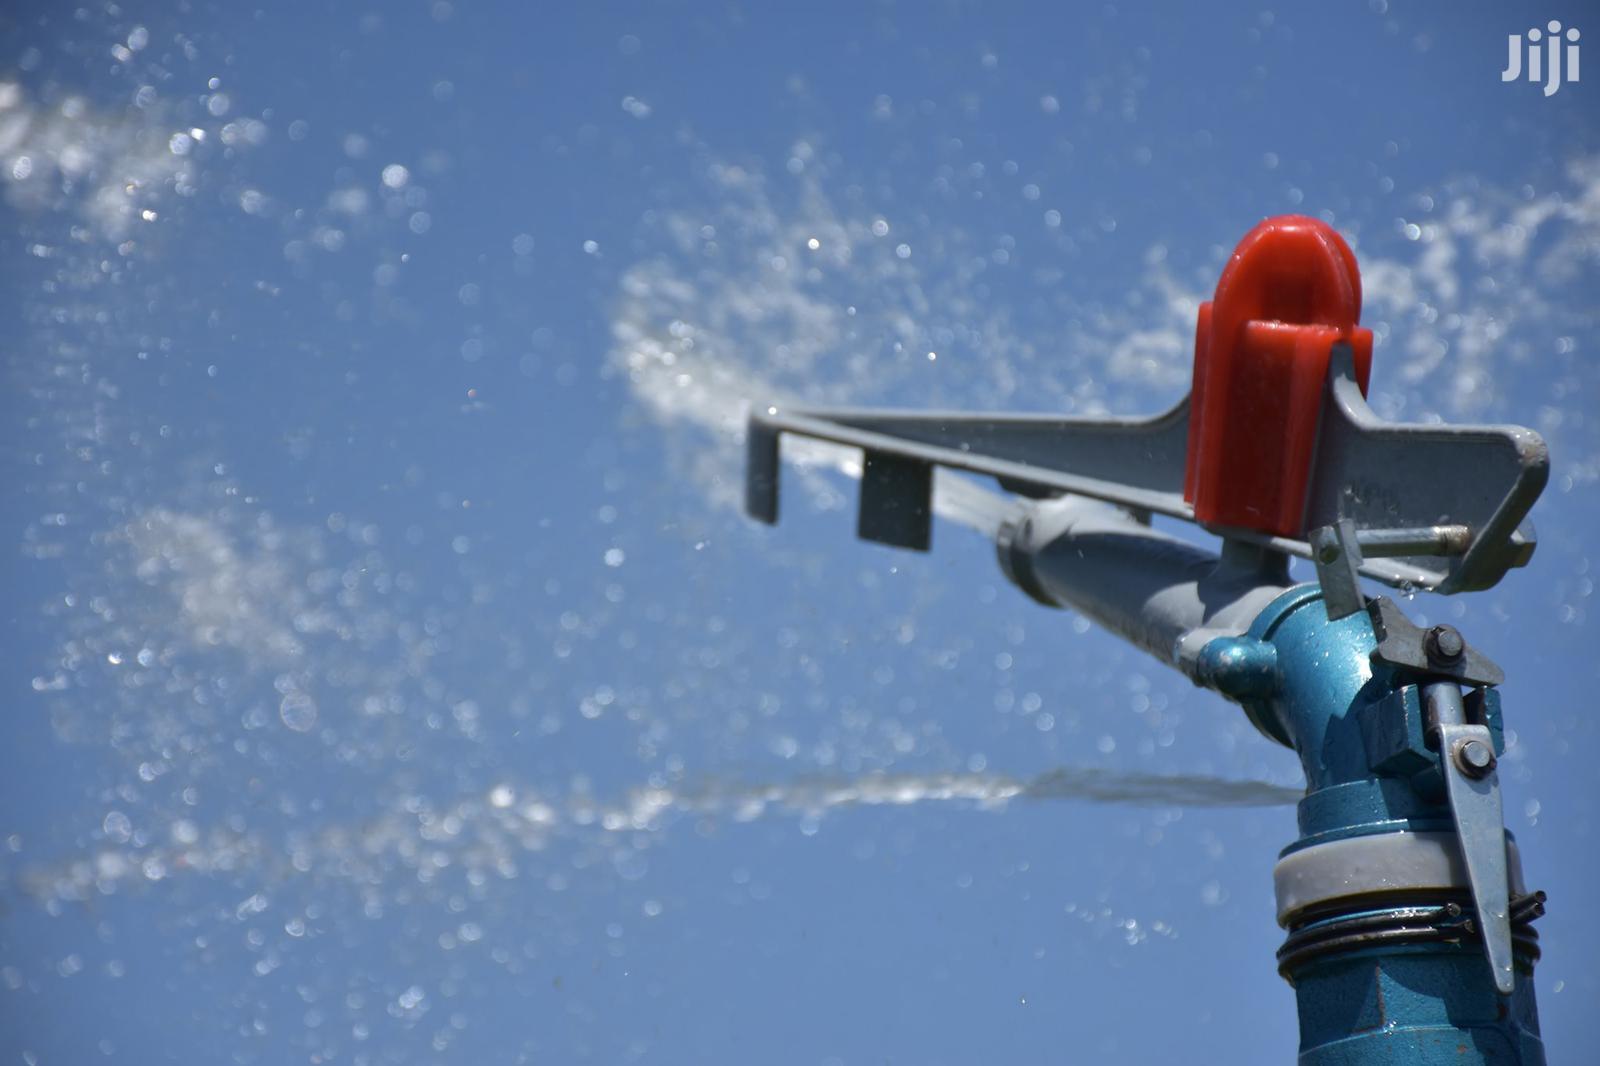 Rain Gun Sprinklers In Kenya